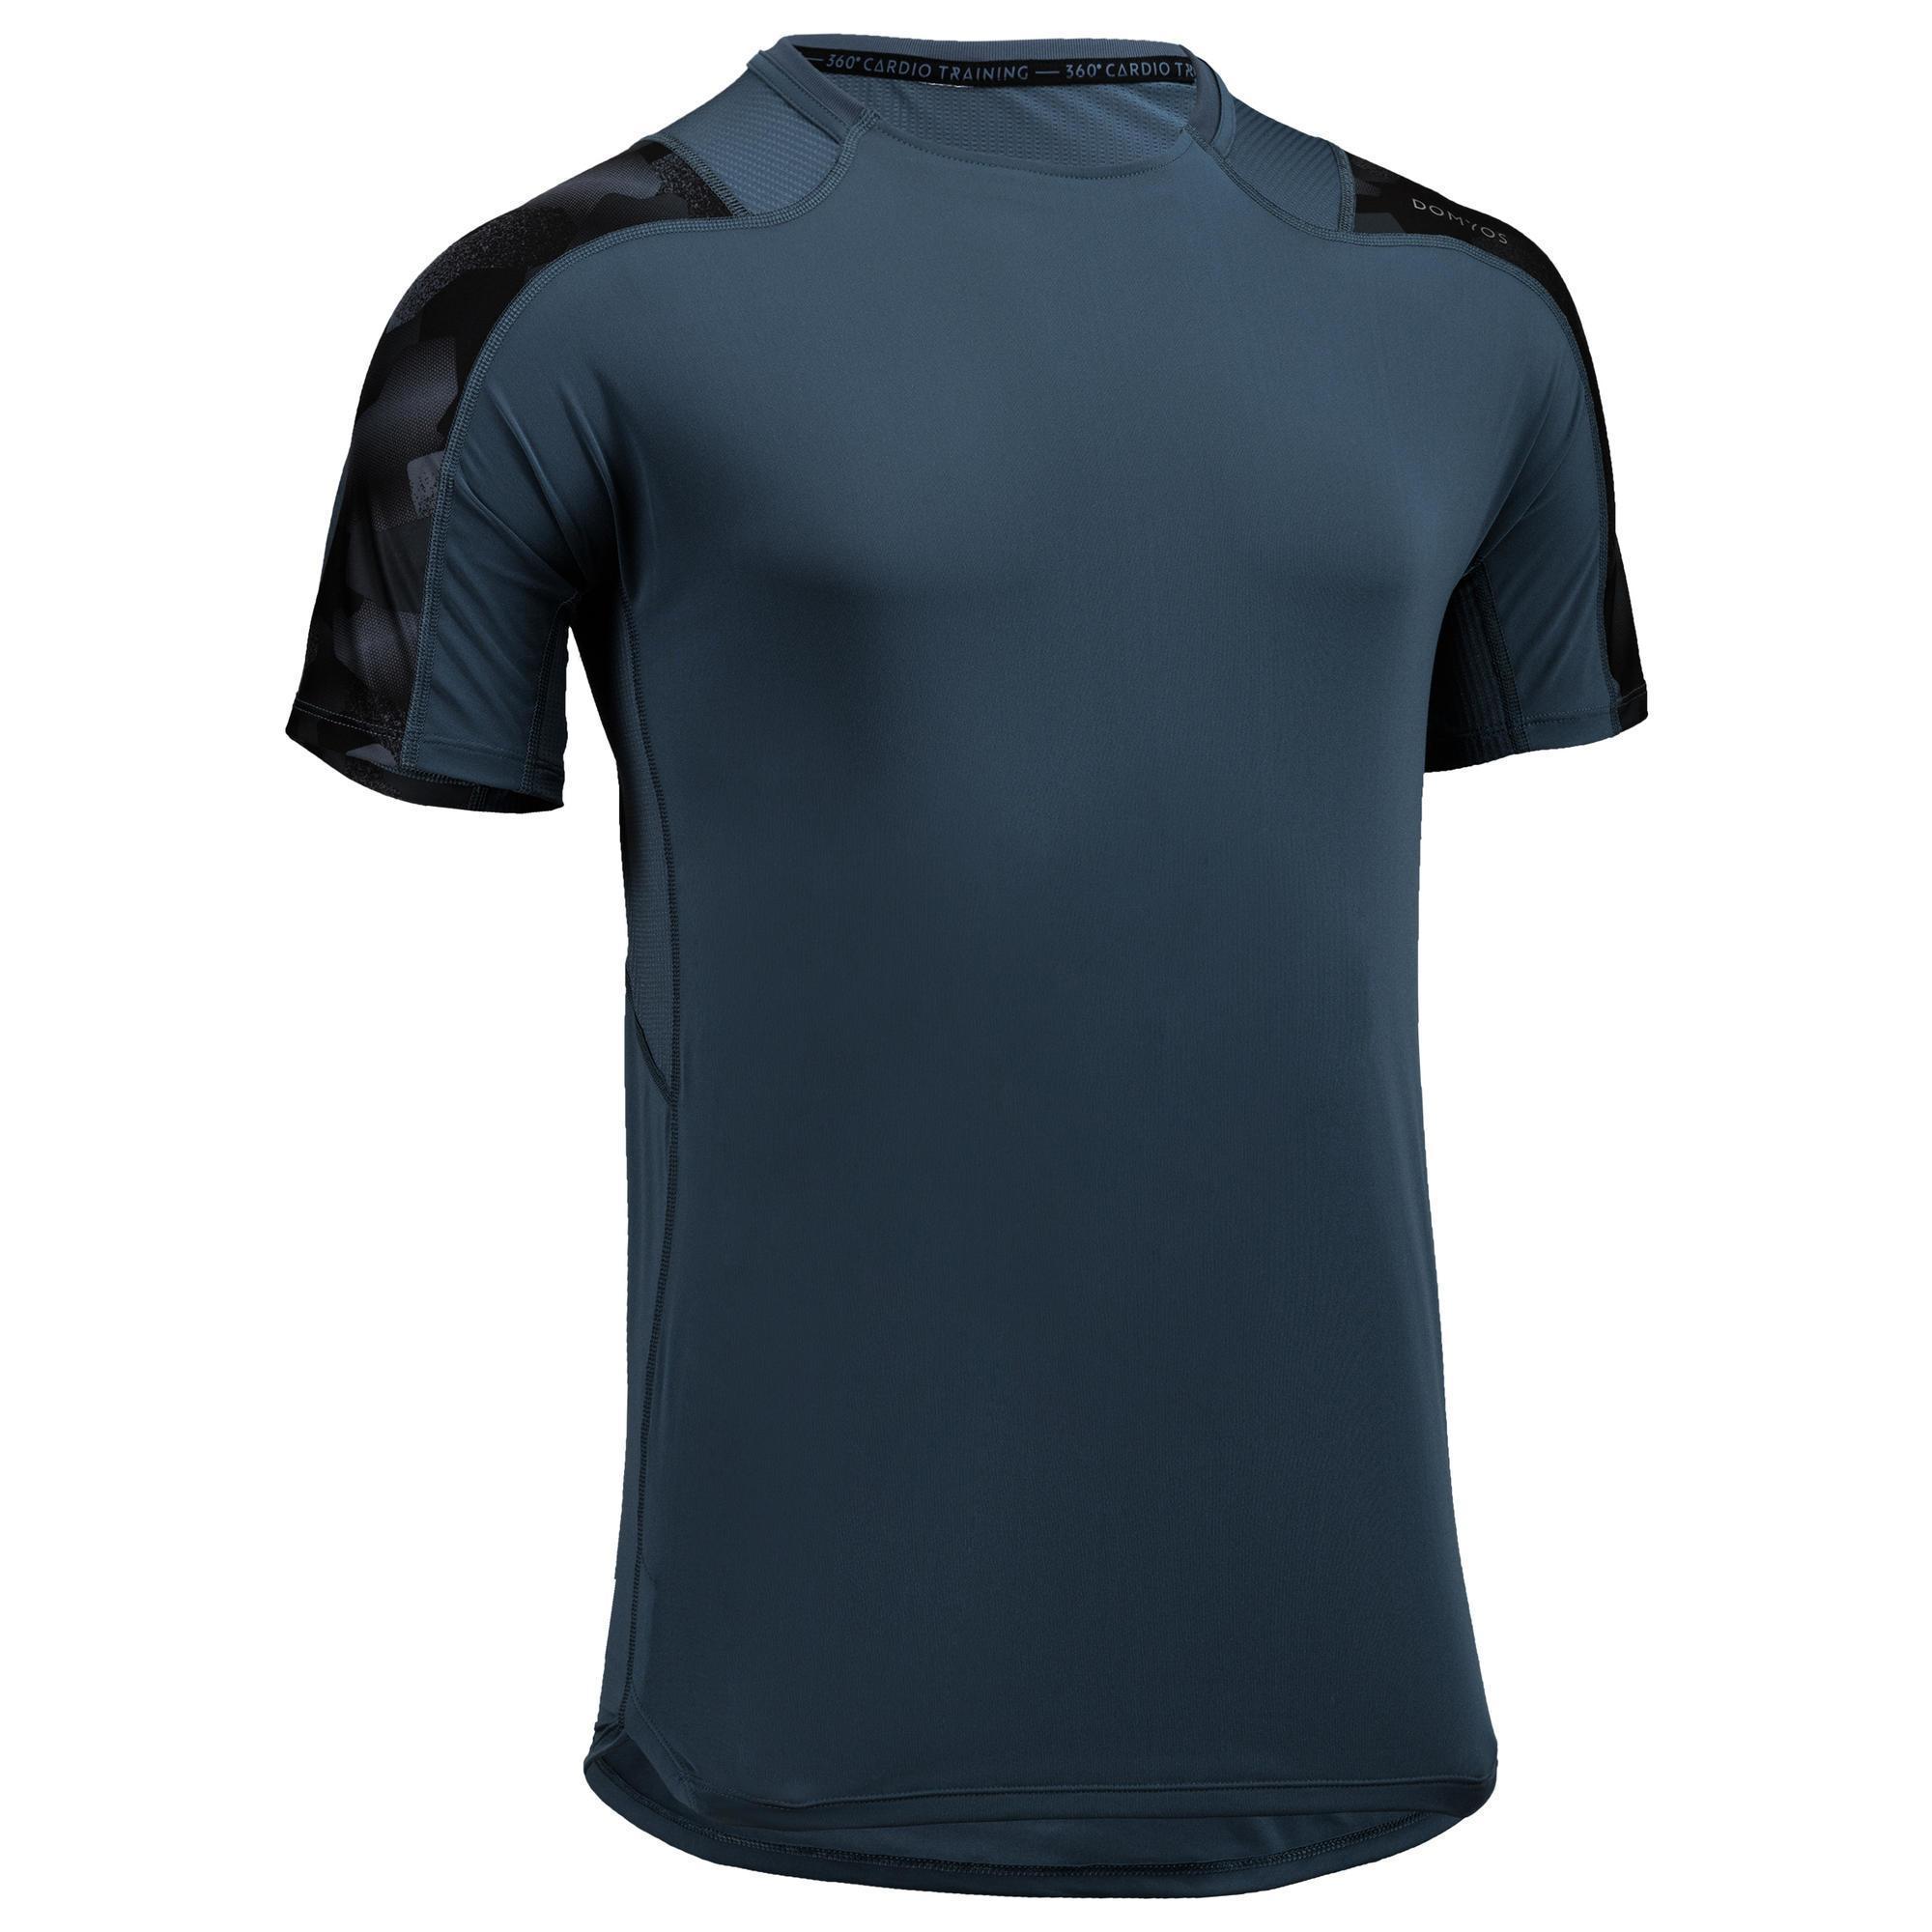 Domyos Fitness shirt FTS 500 voor heren kopen? Leest dit eerst: Fitness kleding Fitness shirt met korting